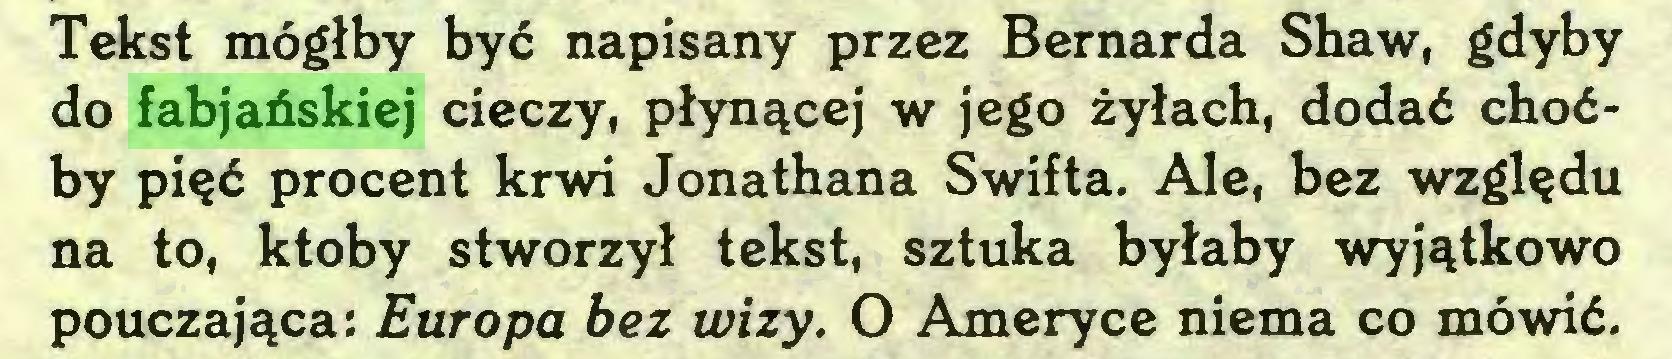 (...) Tekst mógłby być napisany przez Bernarda Shaw, gdyby do fabjańskiej cieczy, płynącej w jego żyłach, dodać choćby pięć procent krwi Jonathana Swifta. Ale, bez względu na to, ktoby stworzył tekst, sztuka byłaby wyjątkowo pouczająca: Europa bez wizy. O Ameryce niema co mówić...